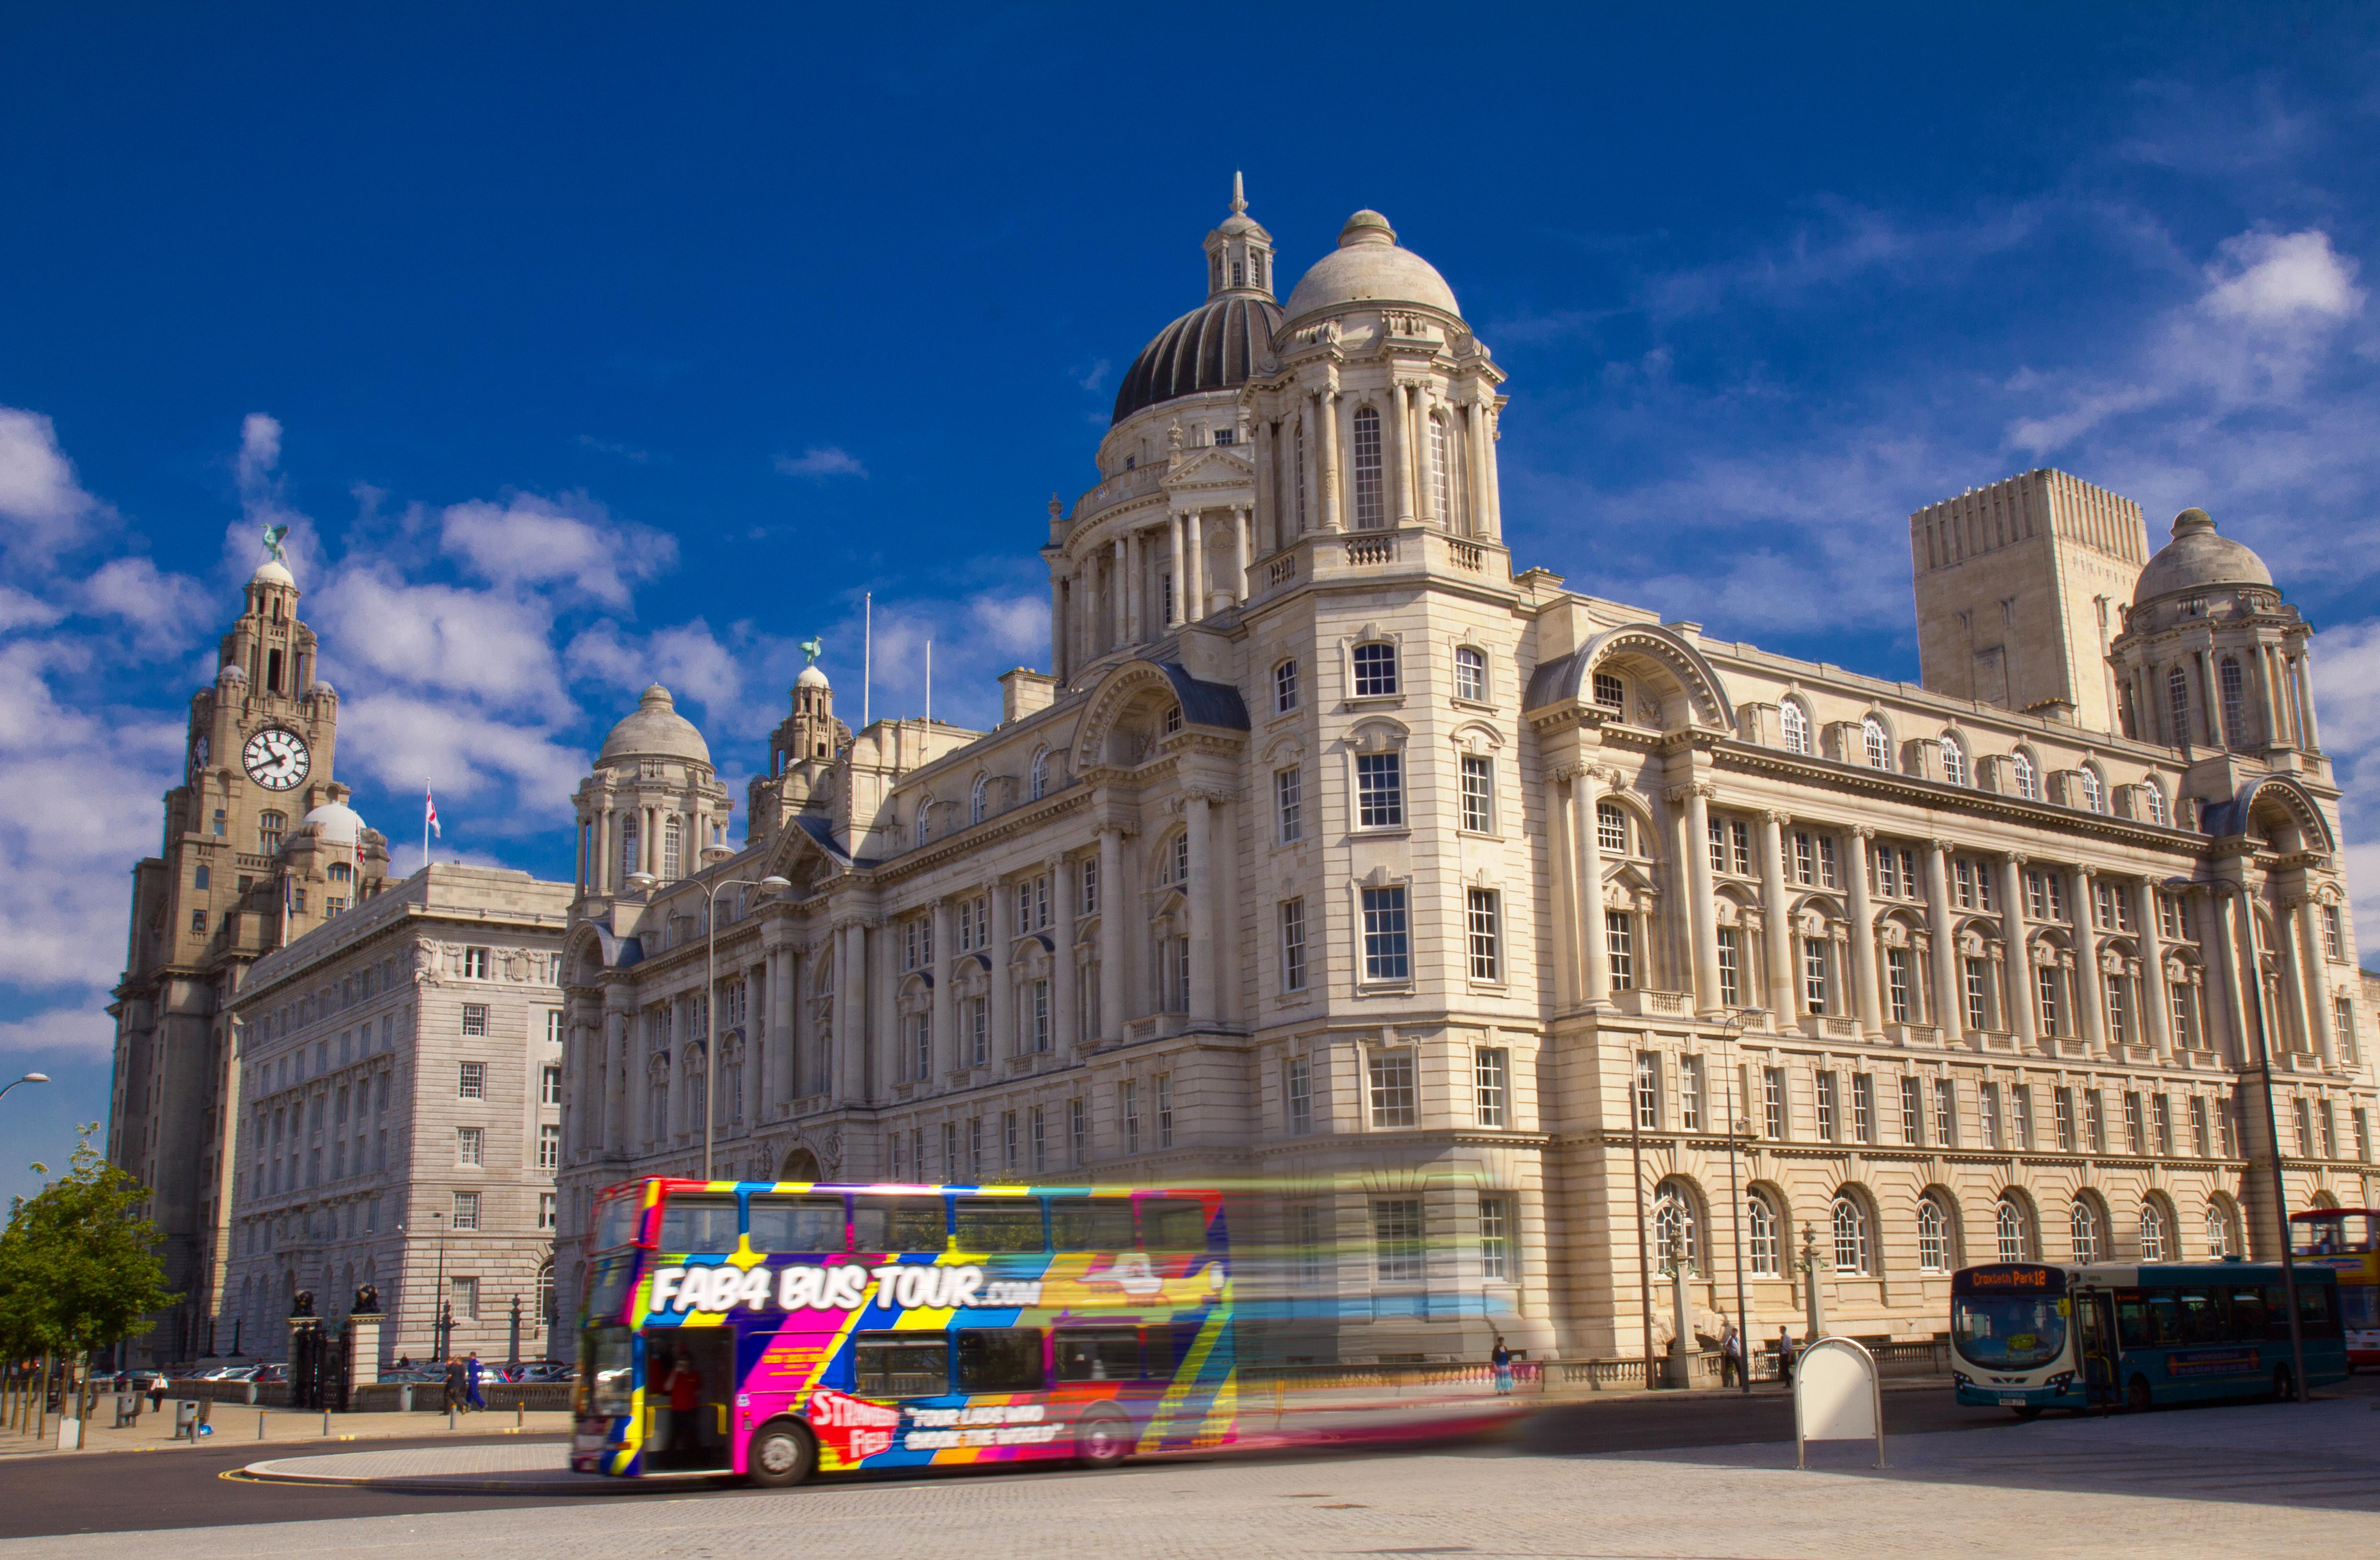 Derek Roberts Fab4 Bus tour